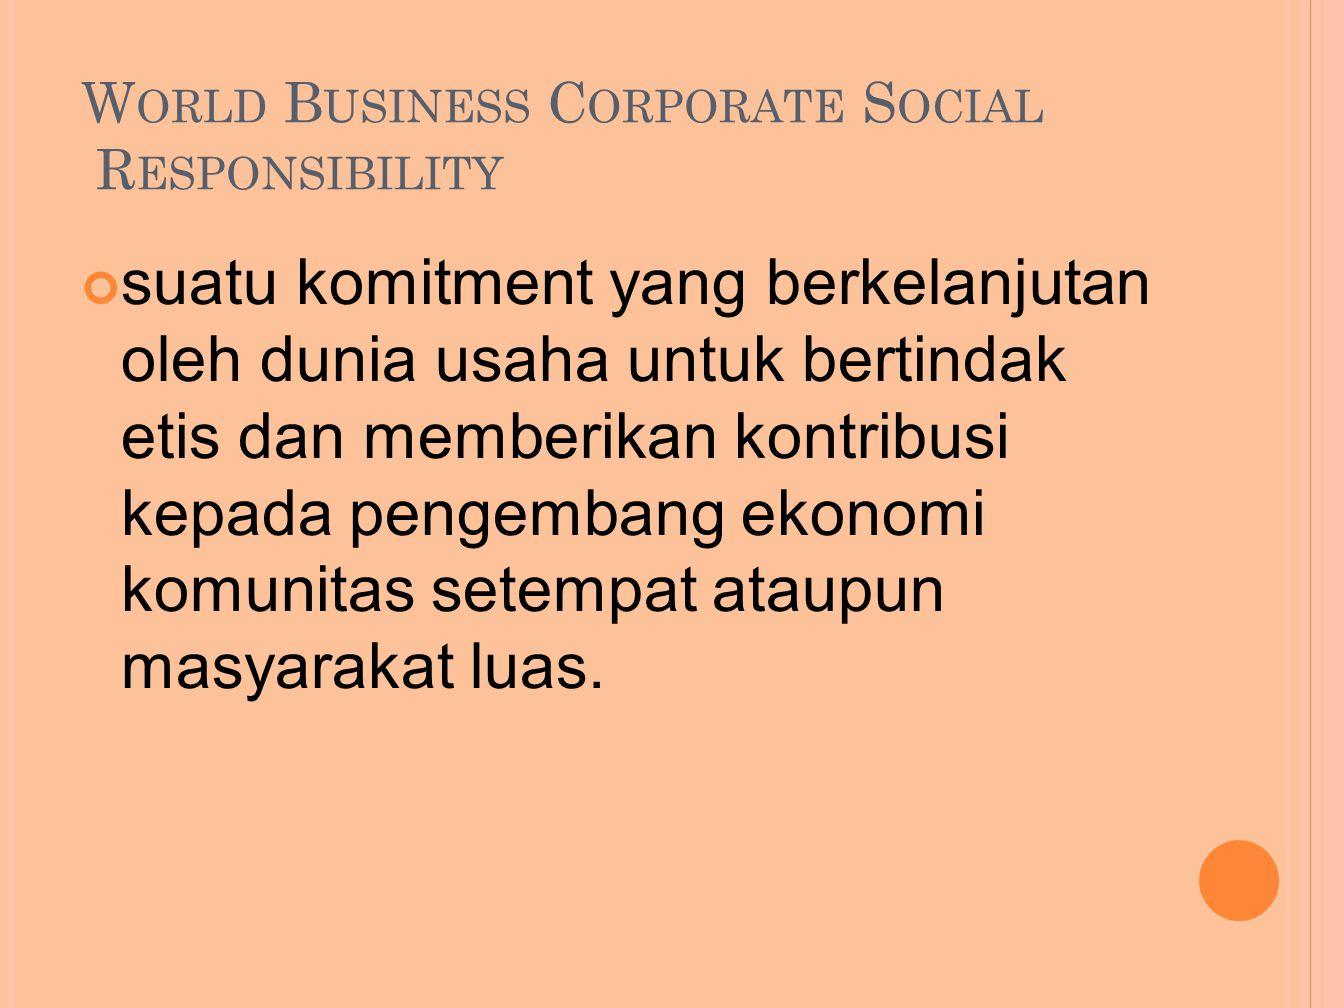 PENGERTIAN Merupakan suatu konsep Khususnya bukan hanya organisasi atau perusahaan adalah memiliki tanggung jawab terhadap konsumen, karyawan, pemegang saham, komunitas, dan lingkungan dalam segala aspek operational perusahaan.